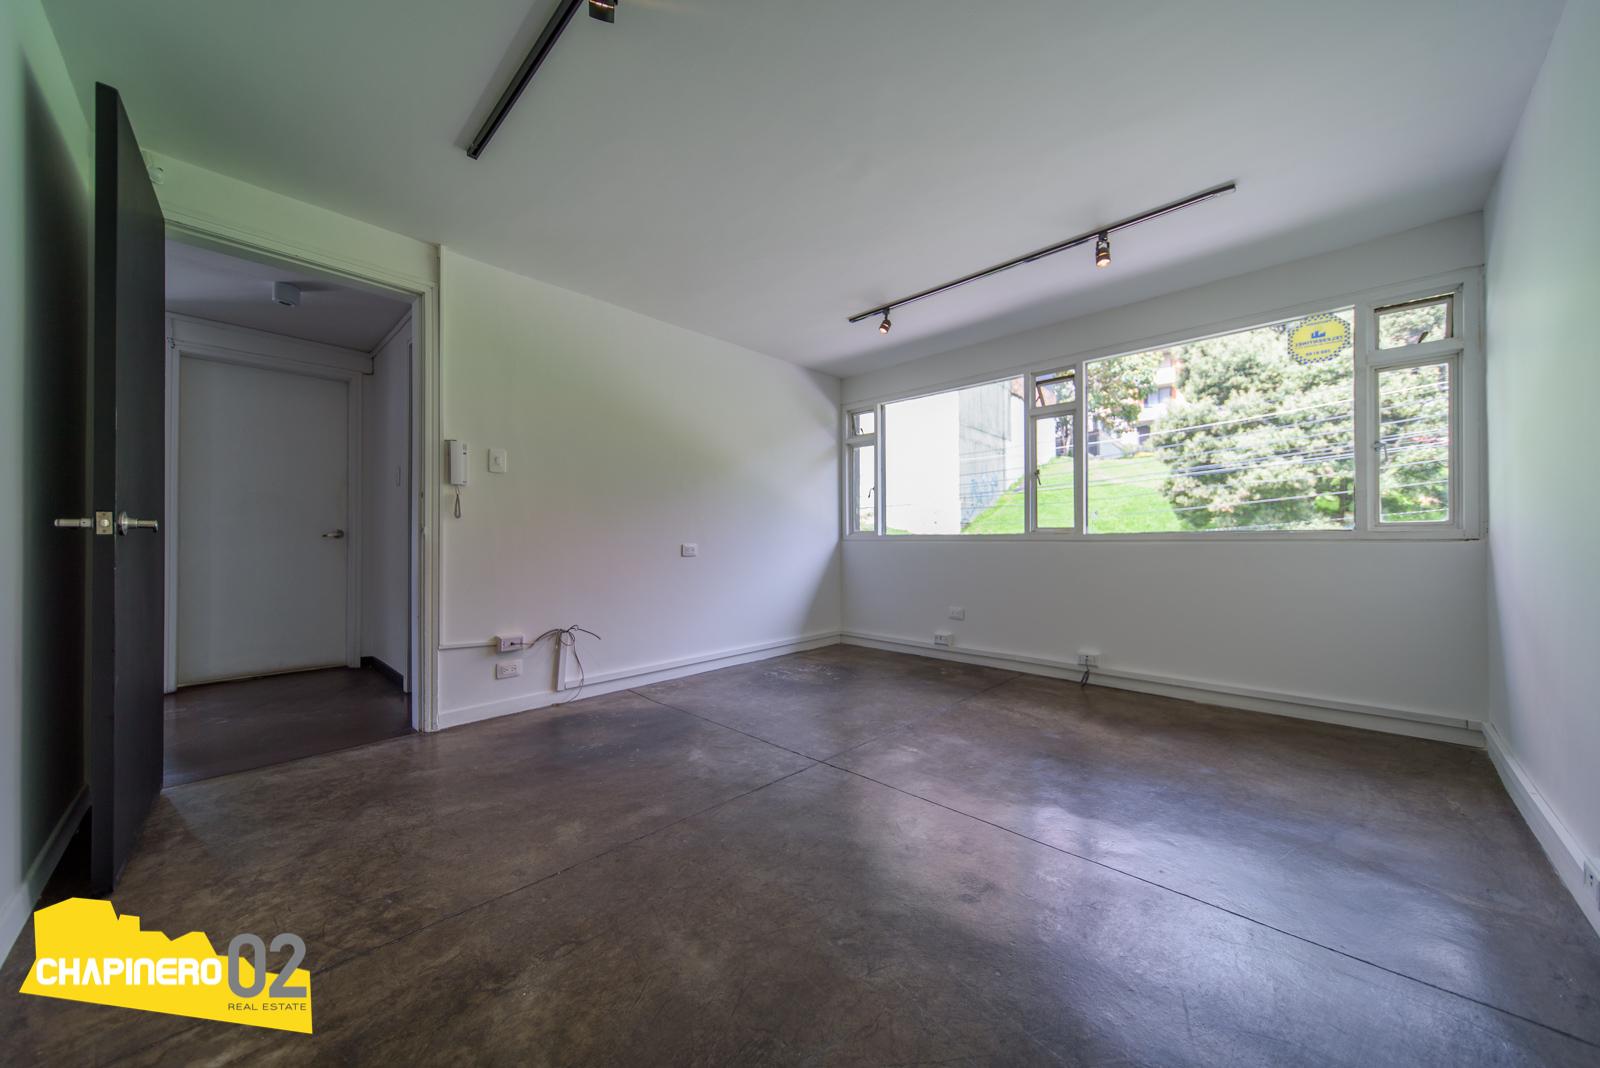 Oficina Arriendo :: 23 m² :: ChapiAlto :: $1,5M